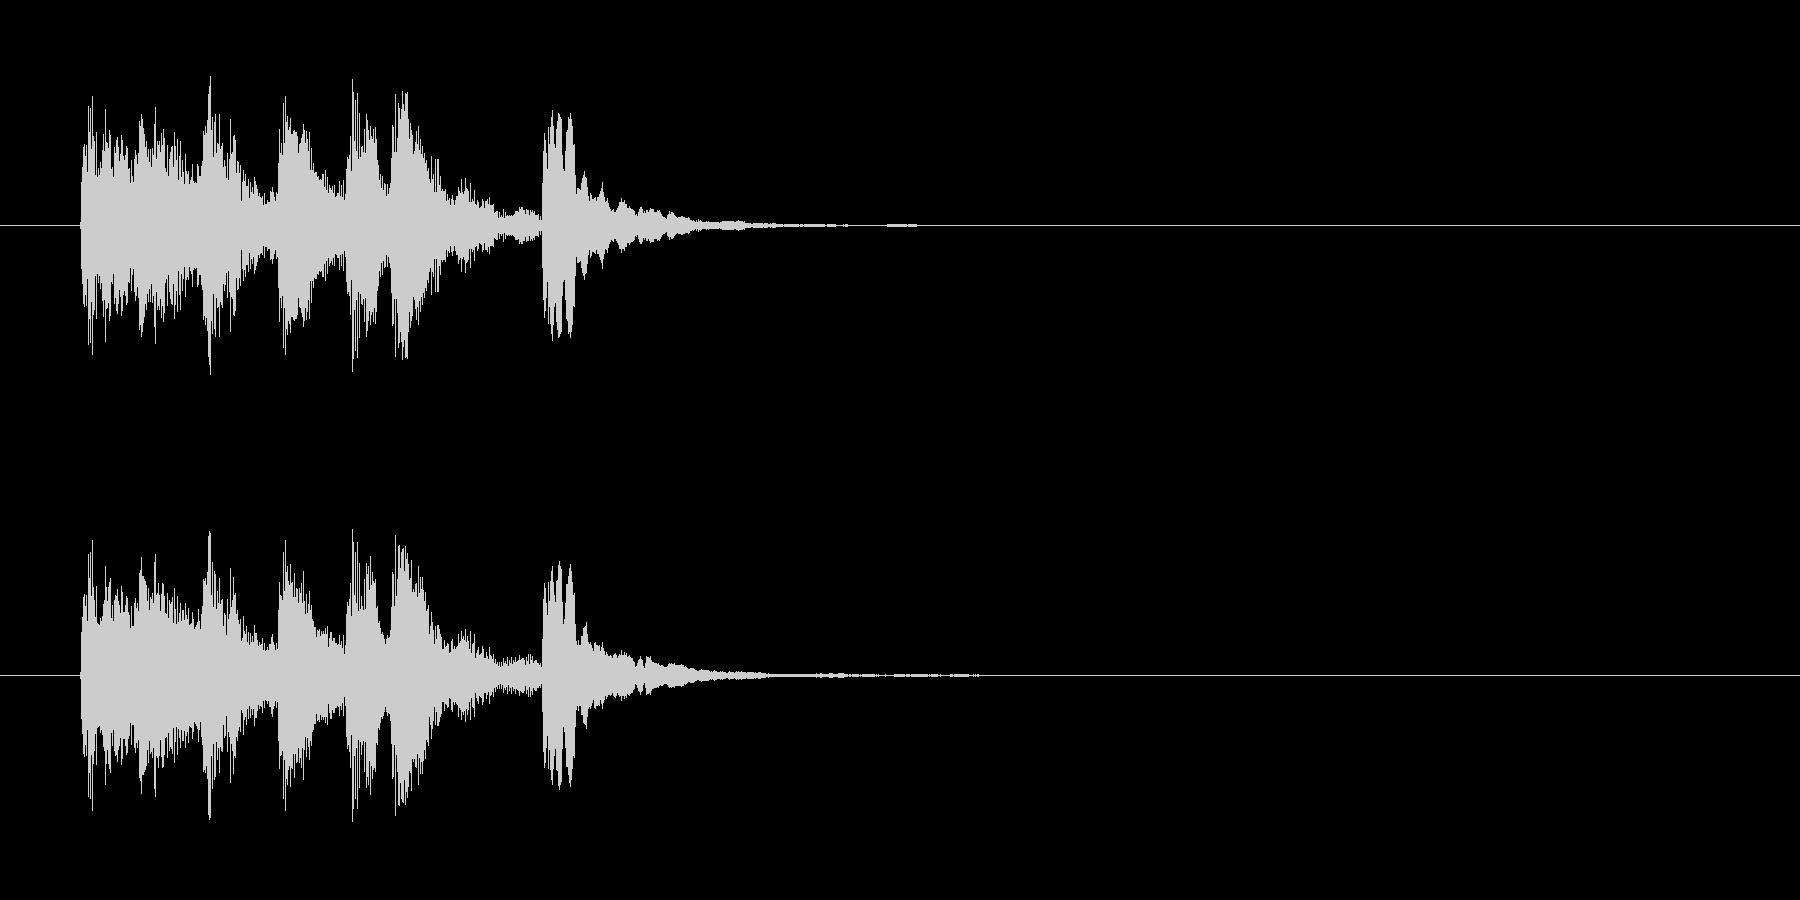 ラテン系のサウンドロゴ(スチールパン)の未再生の波形